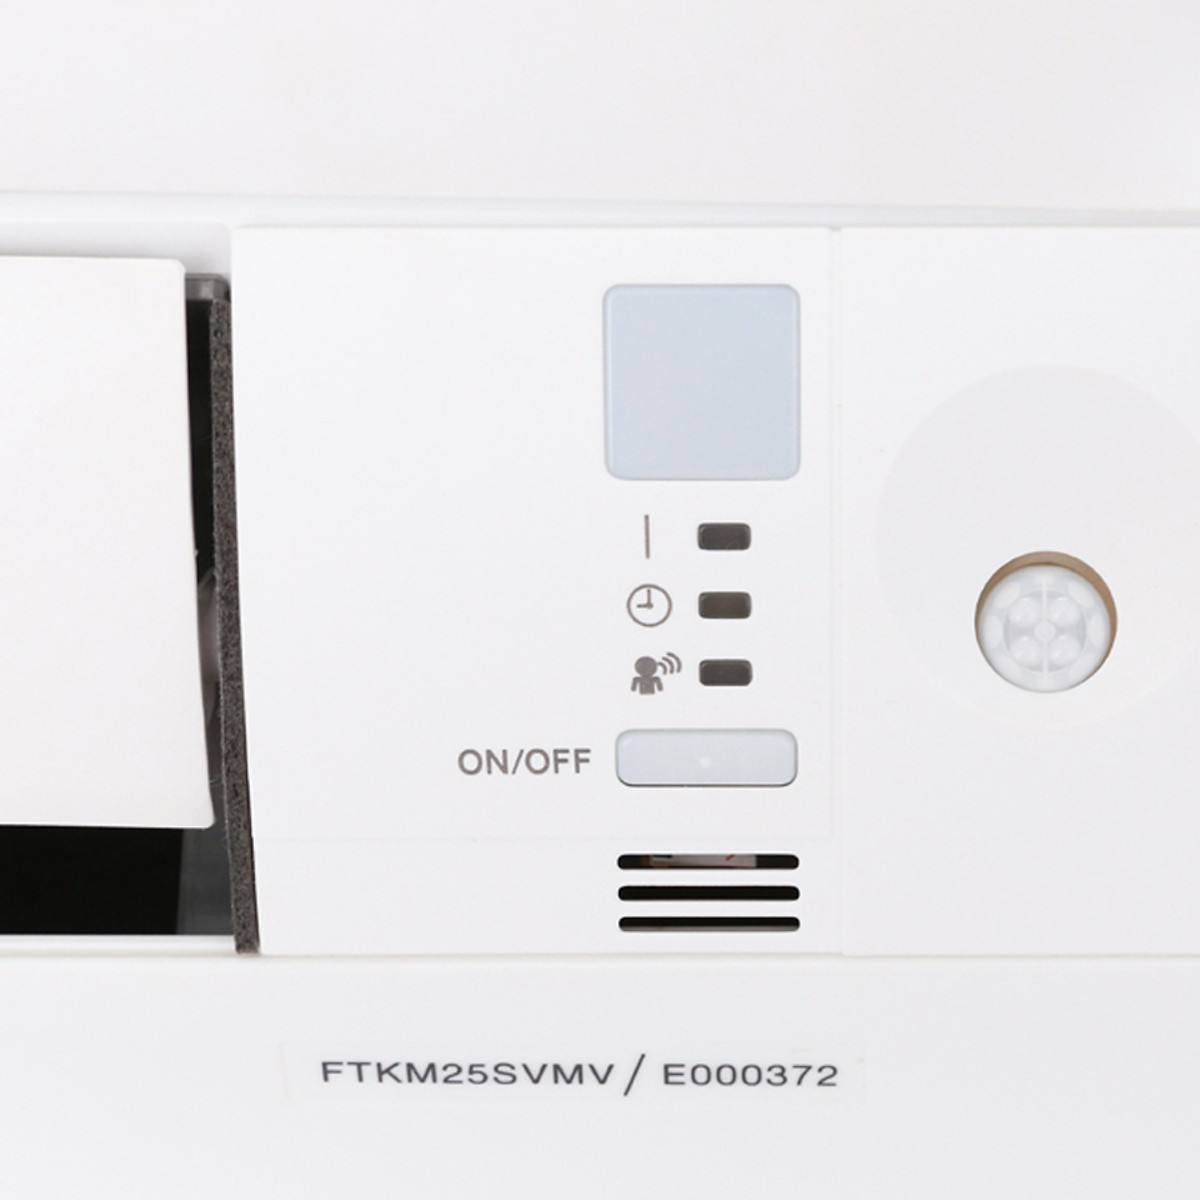 Máy Lạnh Inverter Daikin FTKM25SVMV/RKM25SVMV (1.0HP) - Hàng Chính Hãng + Tặng Ê Ke Treo Máy Lạnh